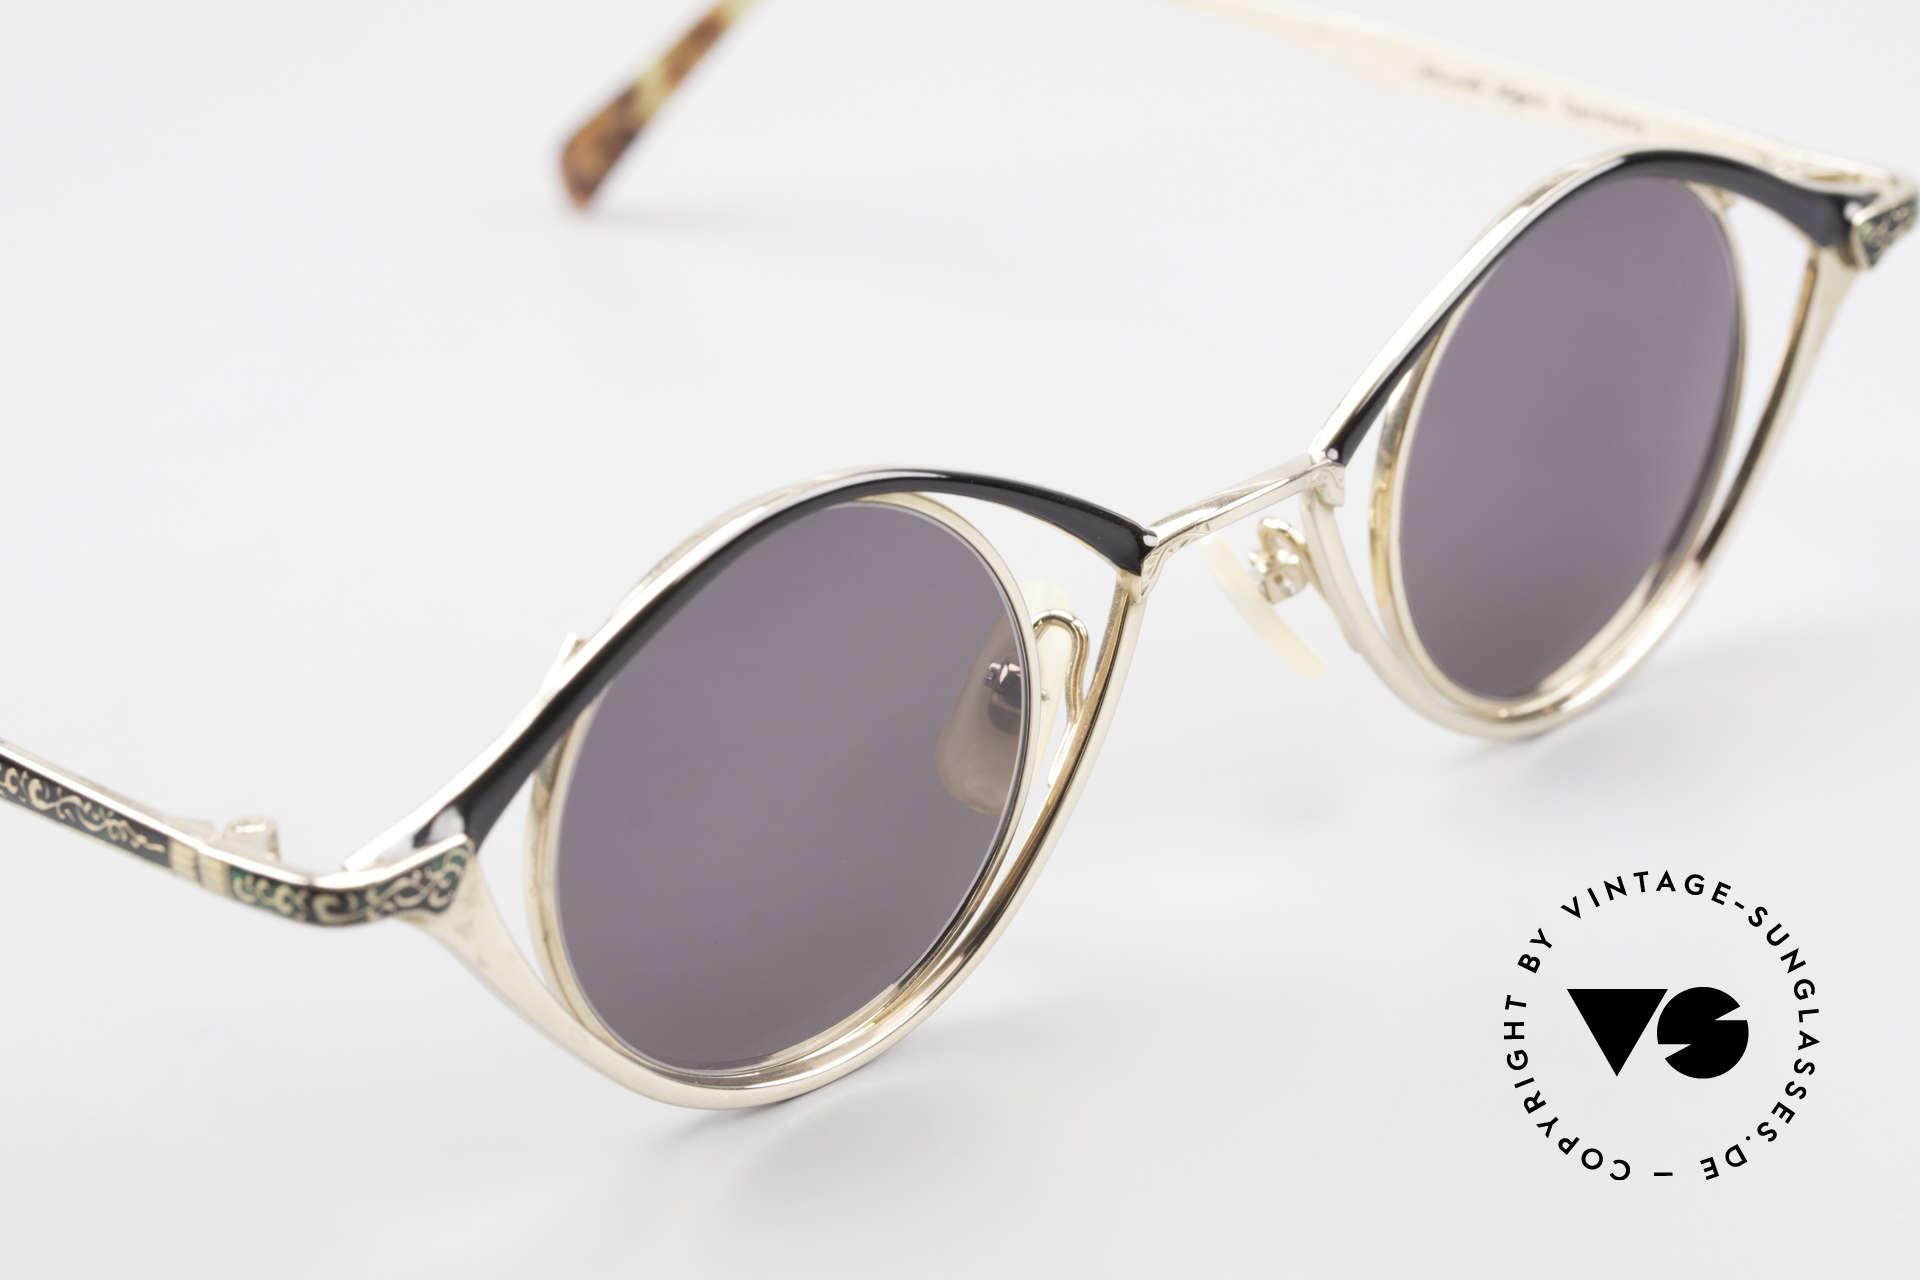 Nouvelle Ligne Q40 Vintage Ladies Sunglasses 90s, NO RETRO sunglasses, but 100% vintage Original, Made for Women